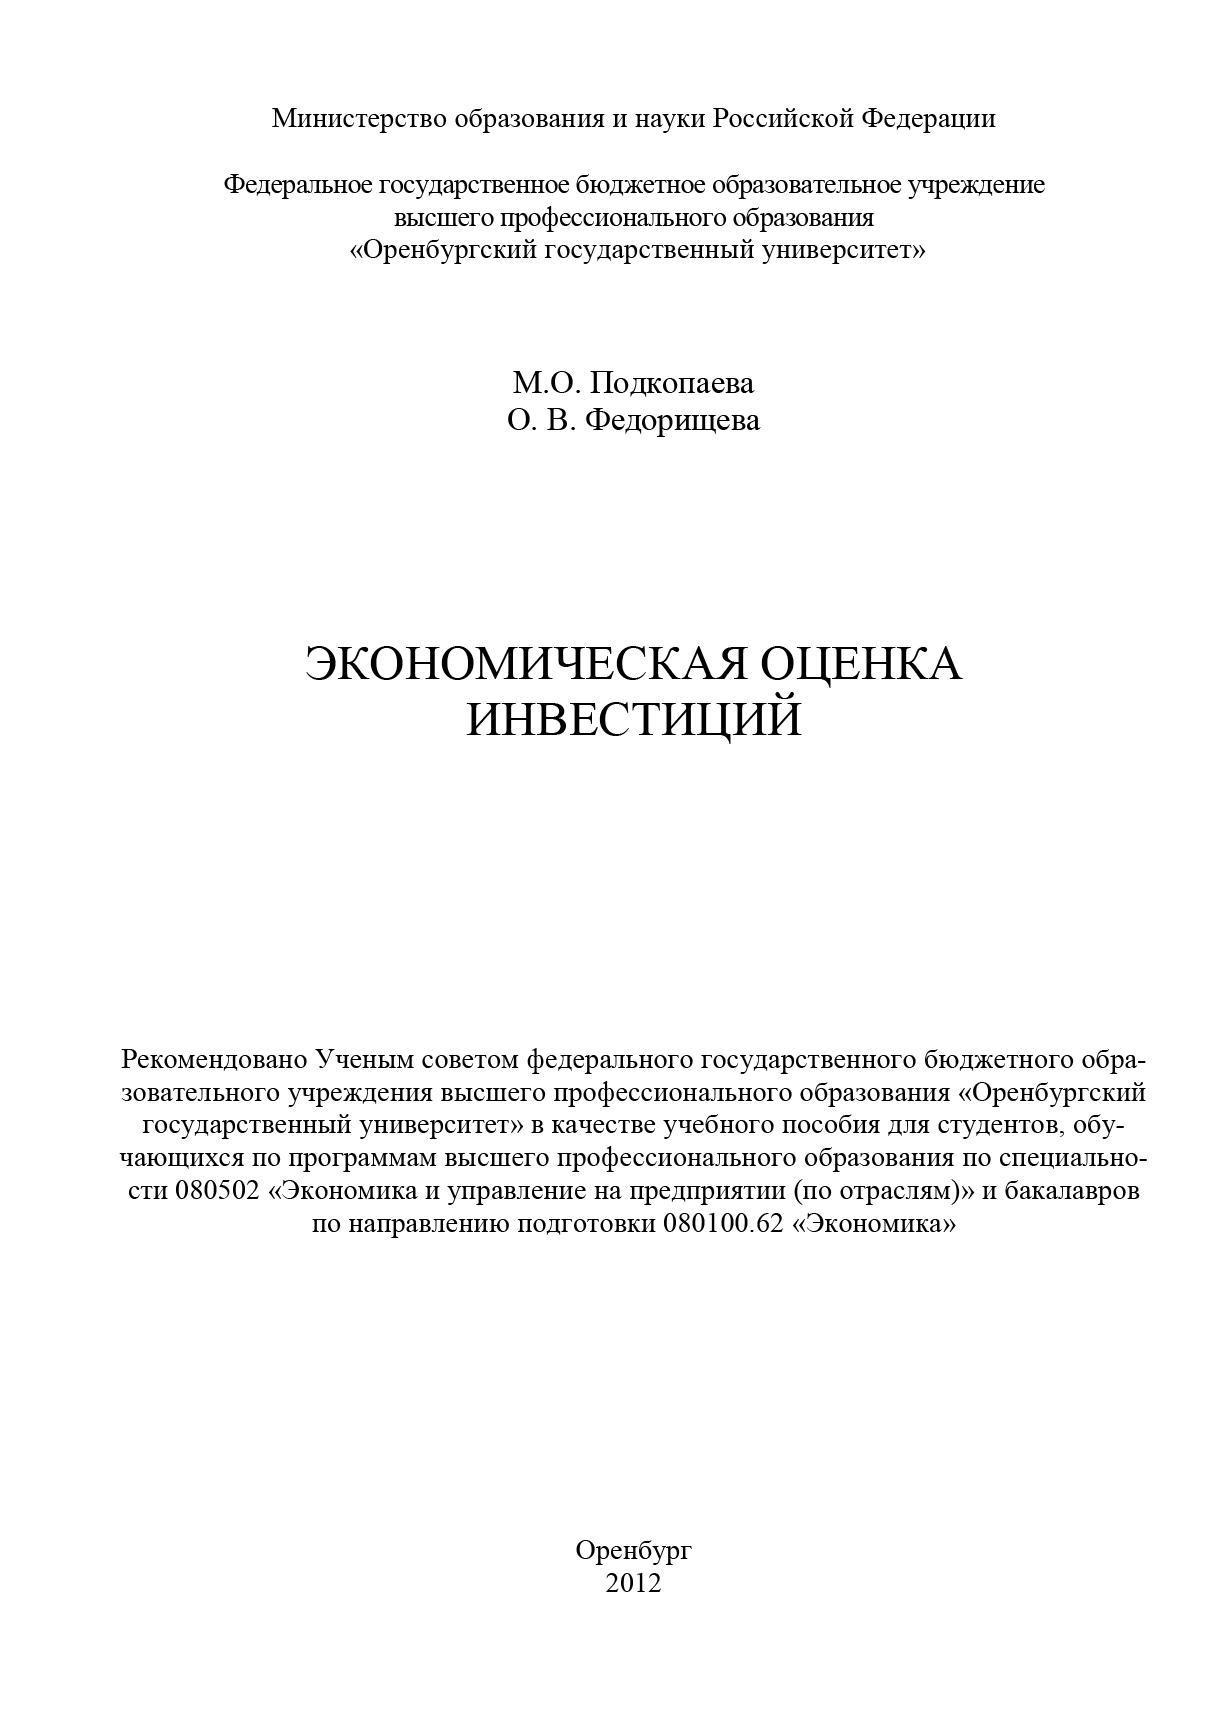 М. Подкопаева Экономическая оценка инвестиций